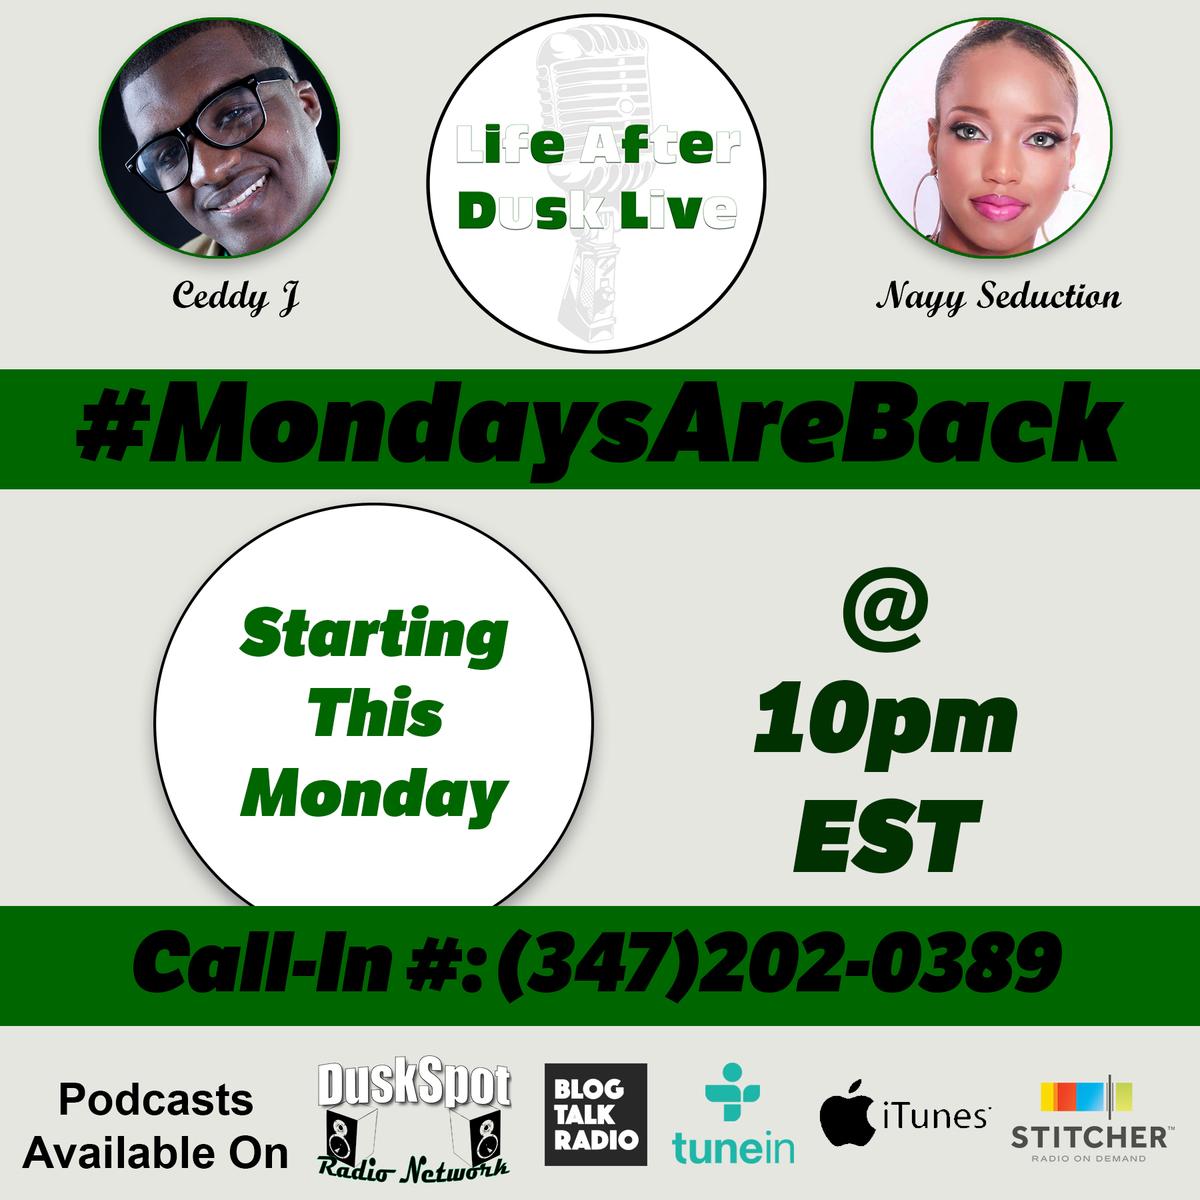 Life After Dusk Live - #MondaysAreBack